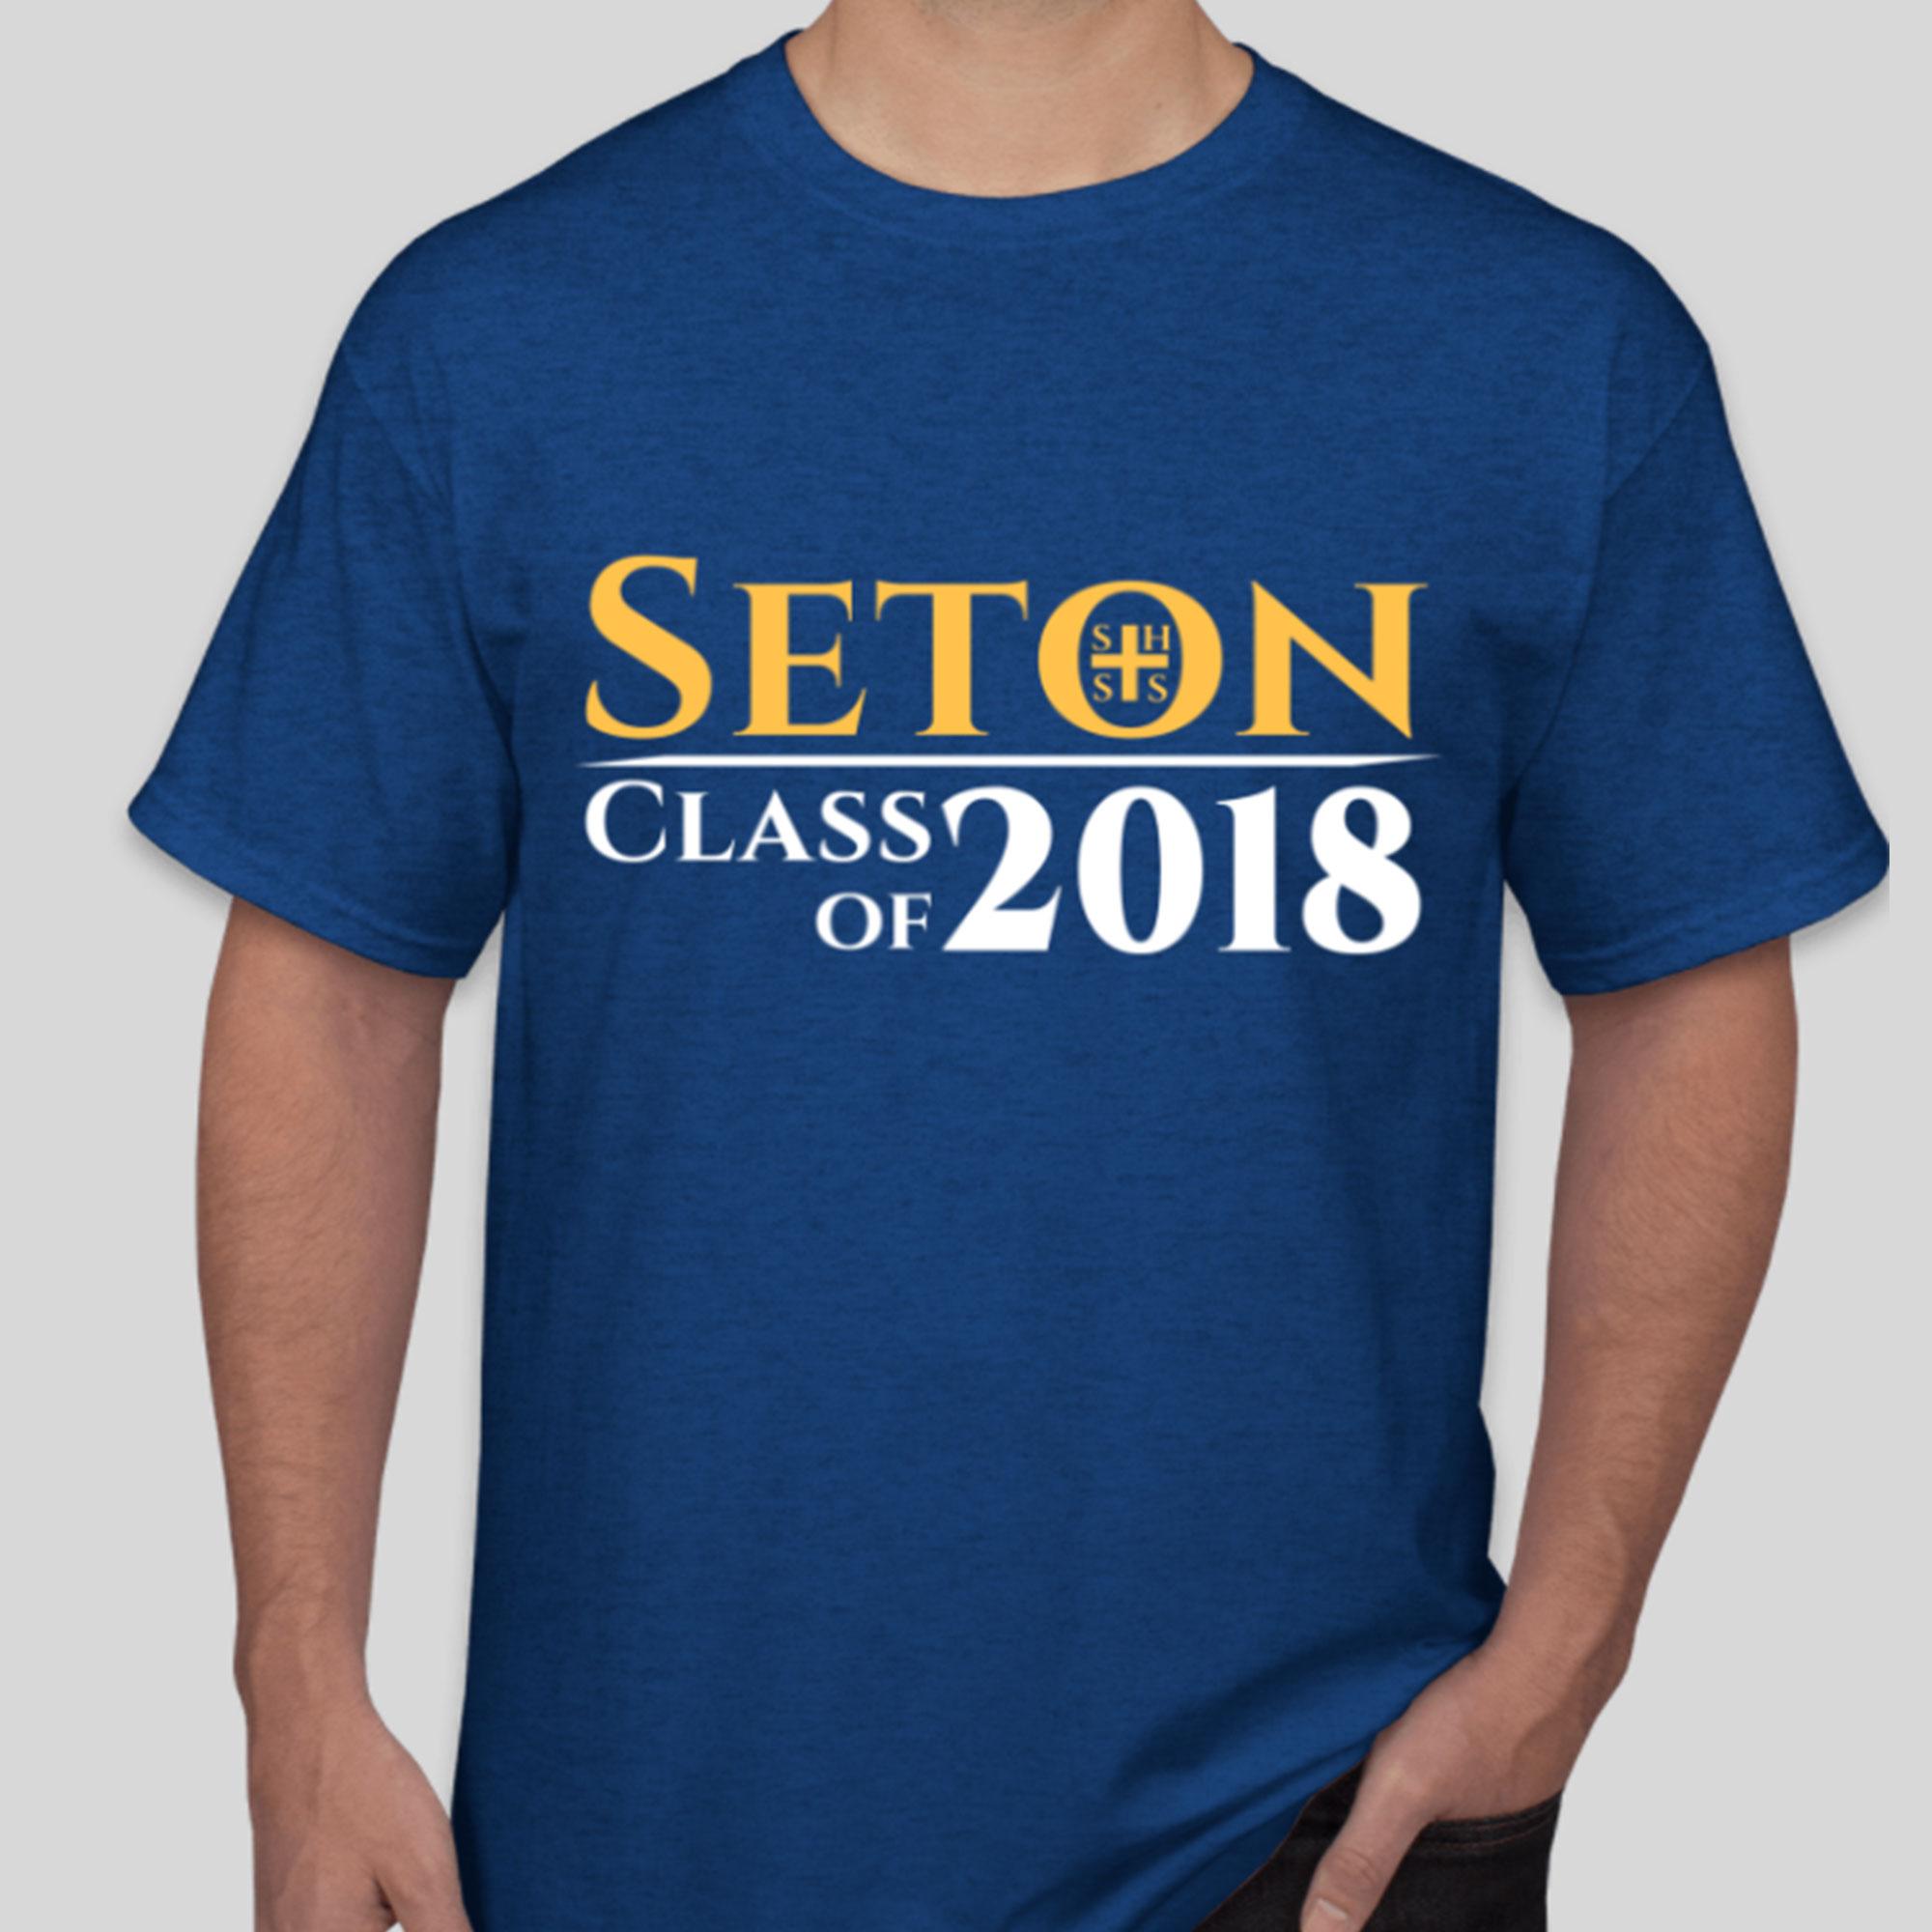 Seton Class of 2018 T-Shirt Adult 2-XL